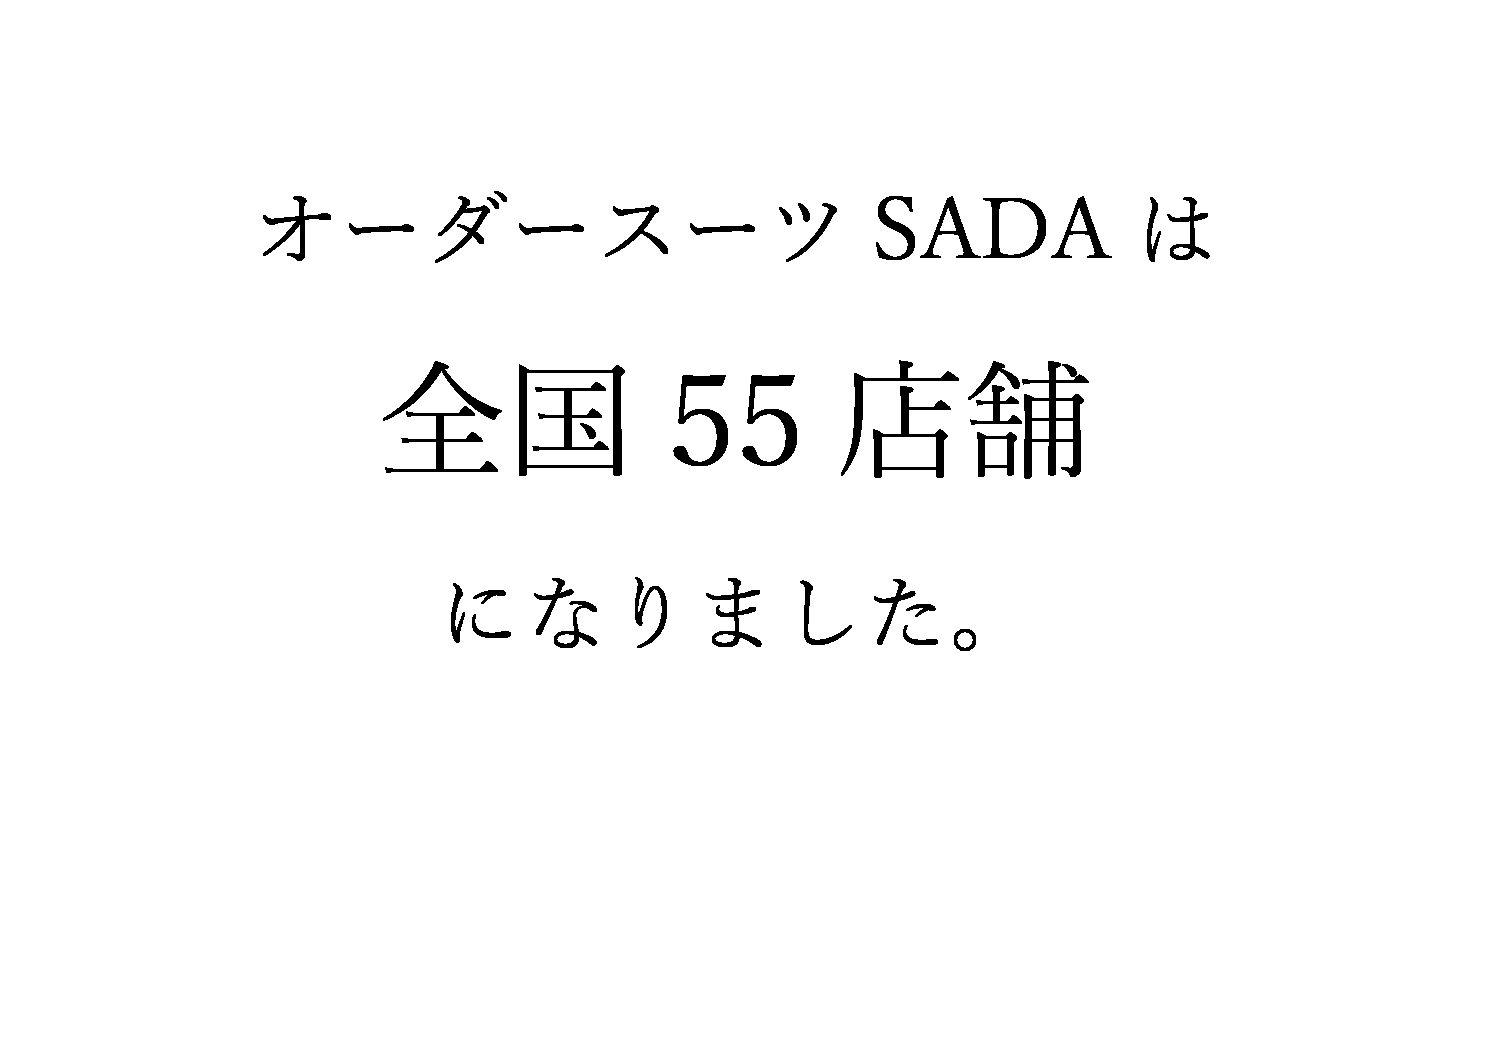 「銀座ショールーム」「富山ショールーム」が2店舗同時にグランドオープン!!